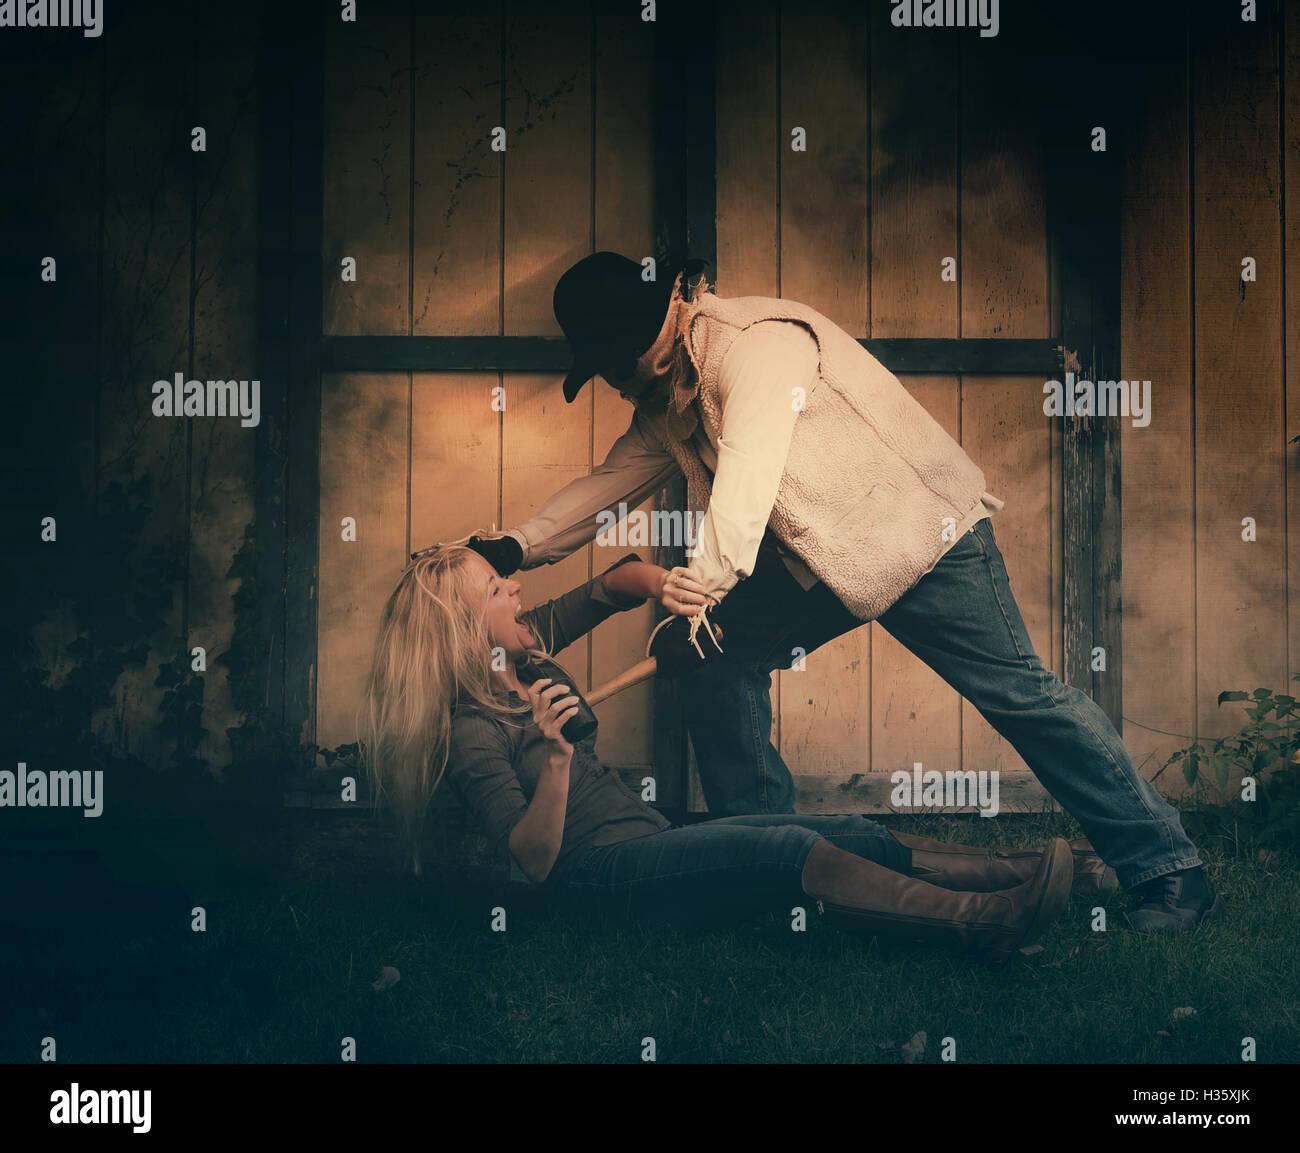 Un peu d'homme dangereux avec un masque s'attaque à une femme, à l'extérieur dans la nuit pour une crainte, de meurtre ou de la victime. Banque D'Images